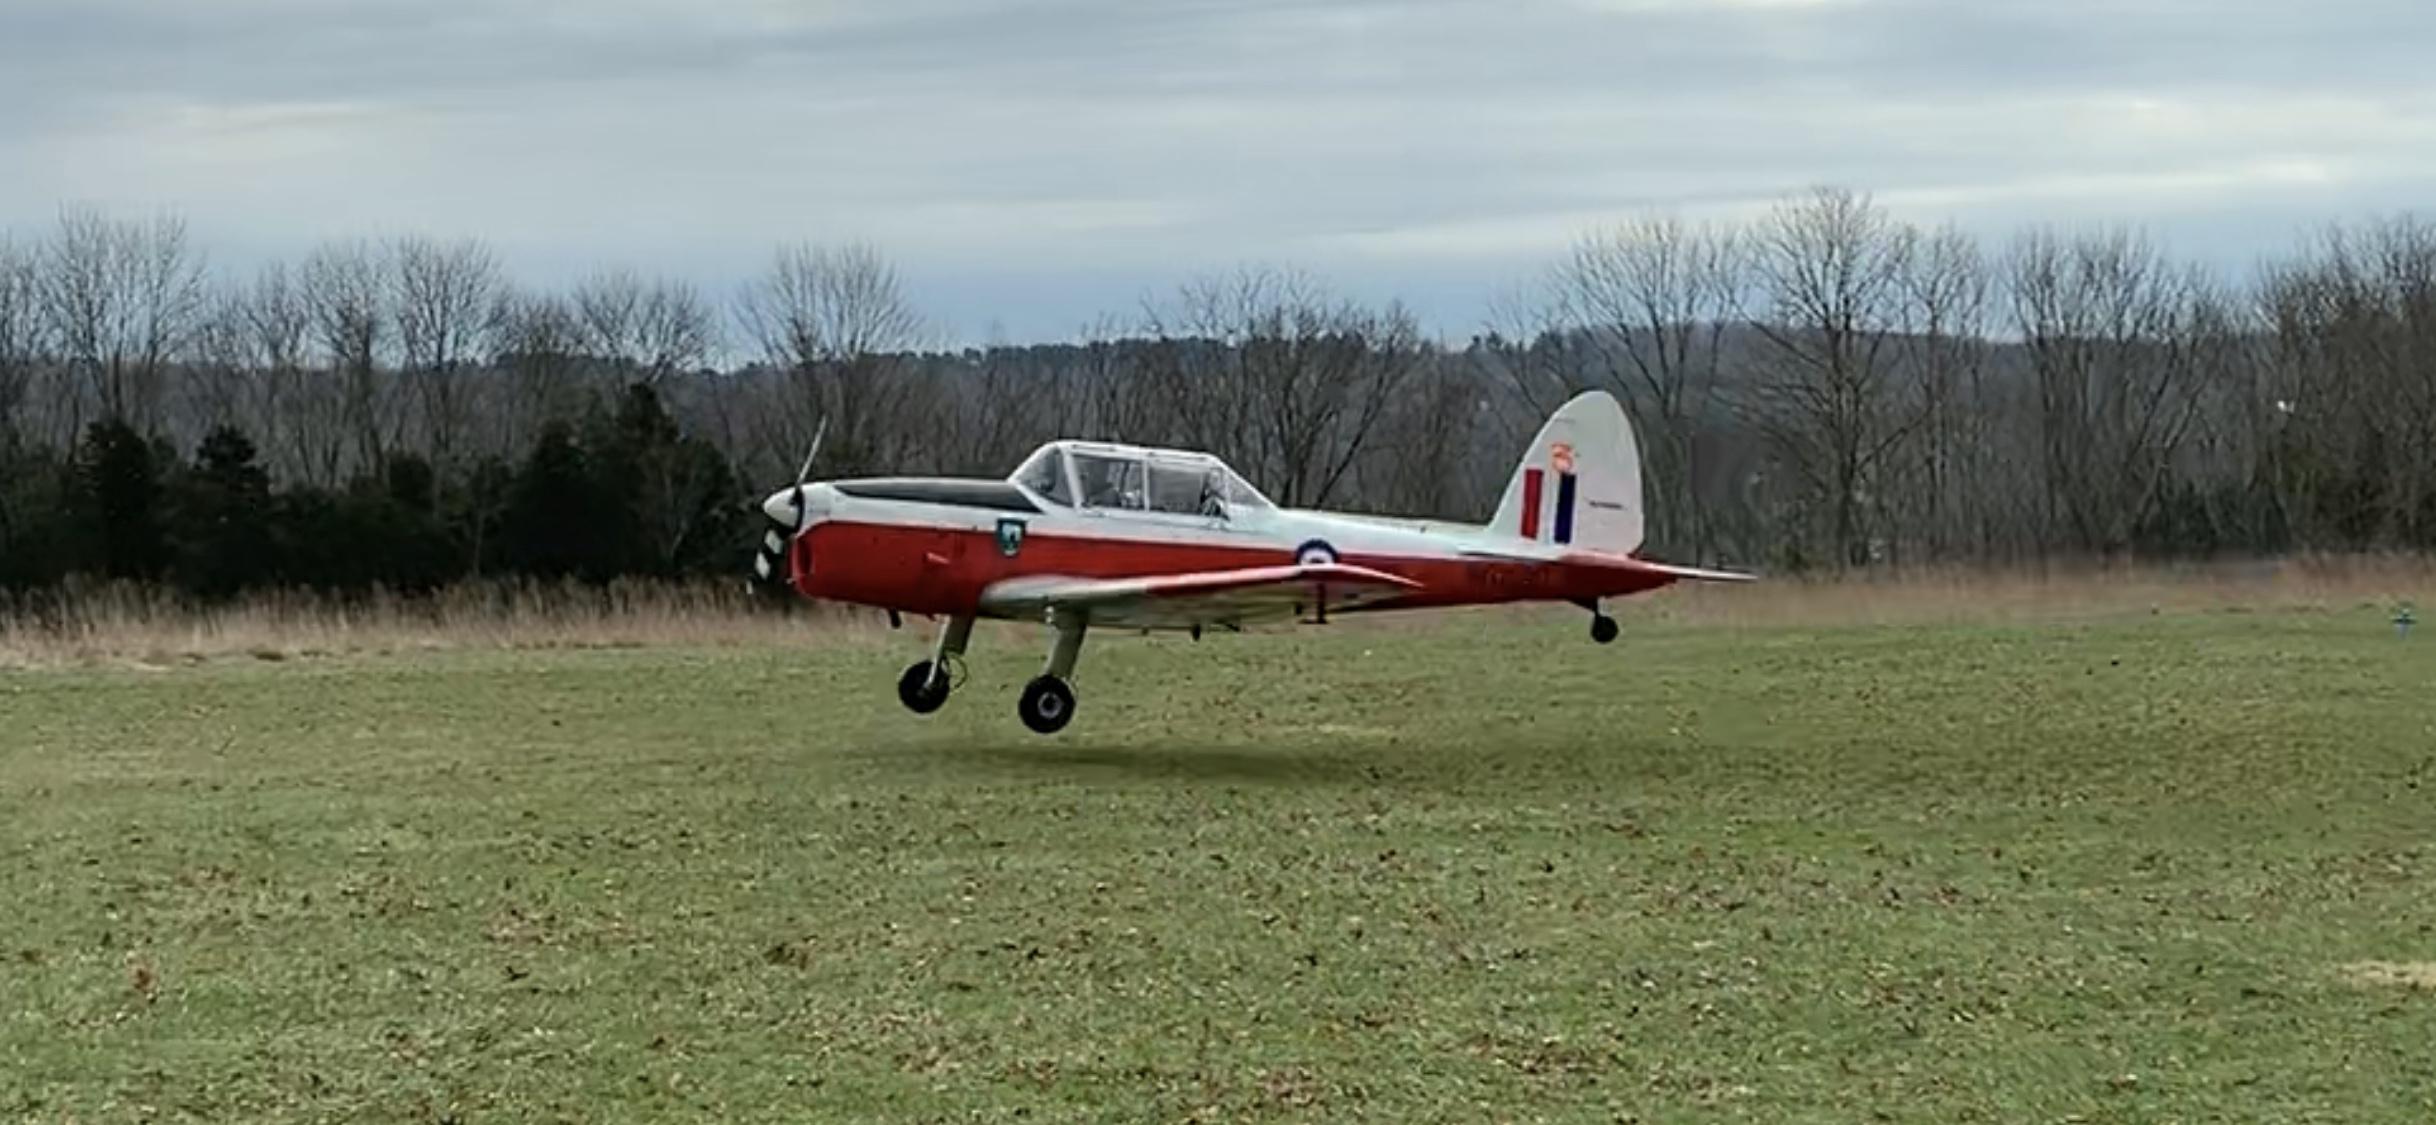 Flying out of Van Sant in 2018